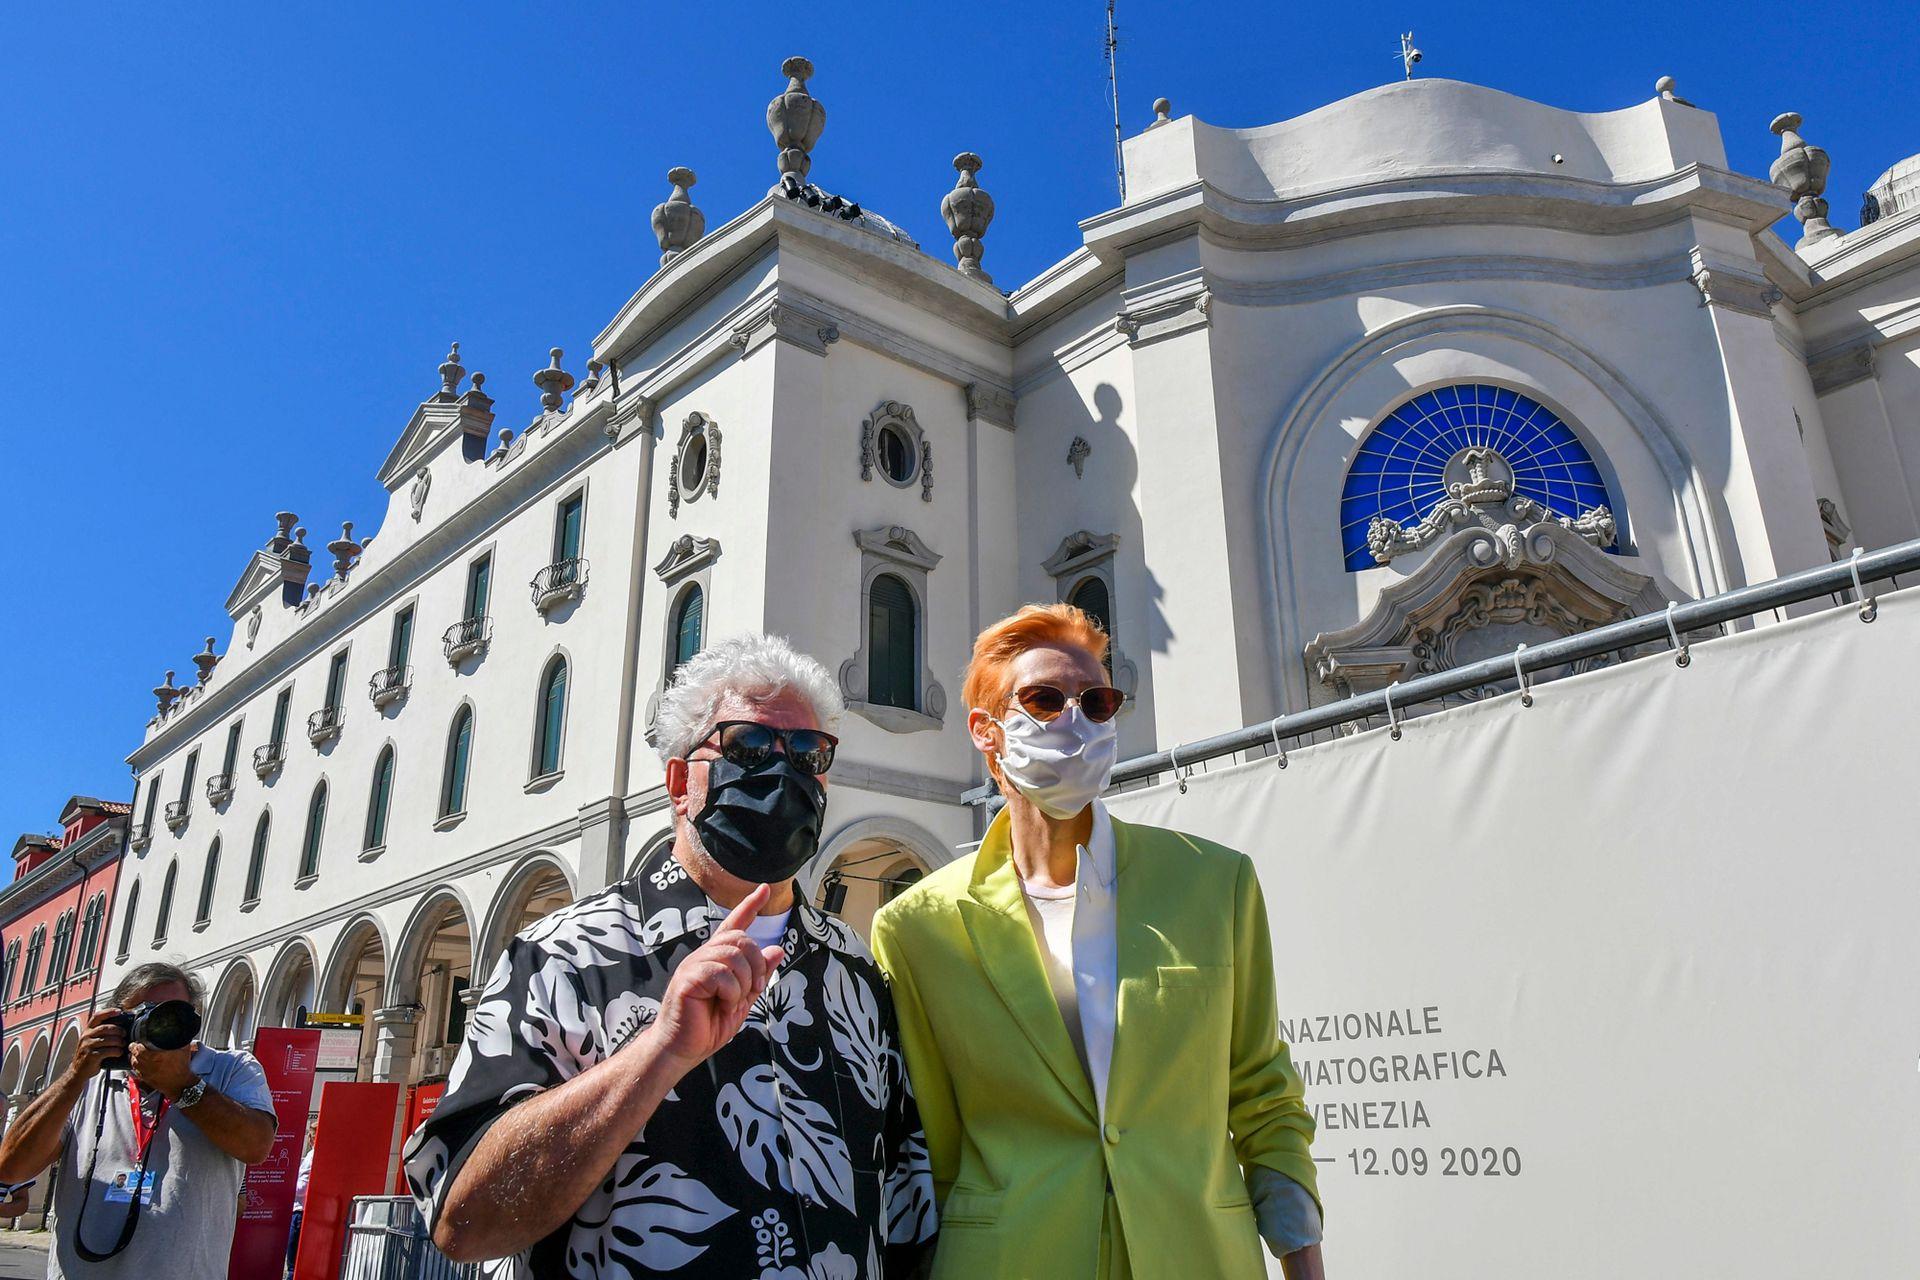 """El director español Pedro Almodóvar y la actriz británica Tilda Swinton, ambos con tapabocas, en el photocall de la película """"La voz humana"""" presentada fuera de competencia en el segundo día del 77 ° Festival de Cine de Venecia"""